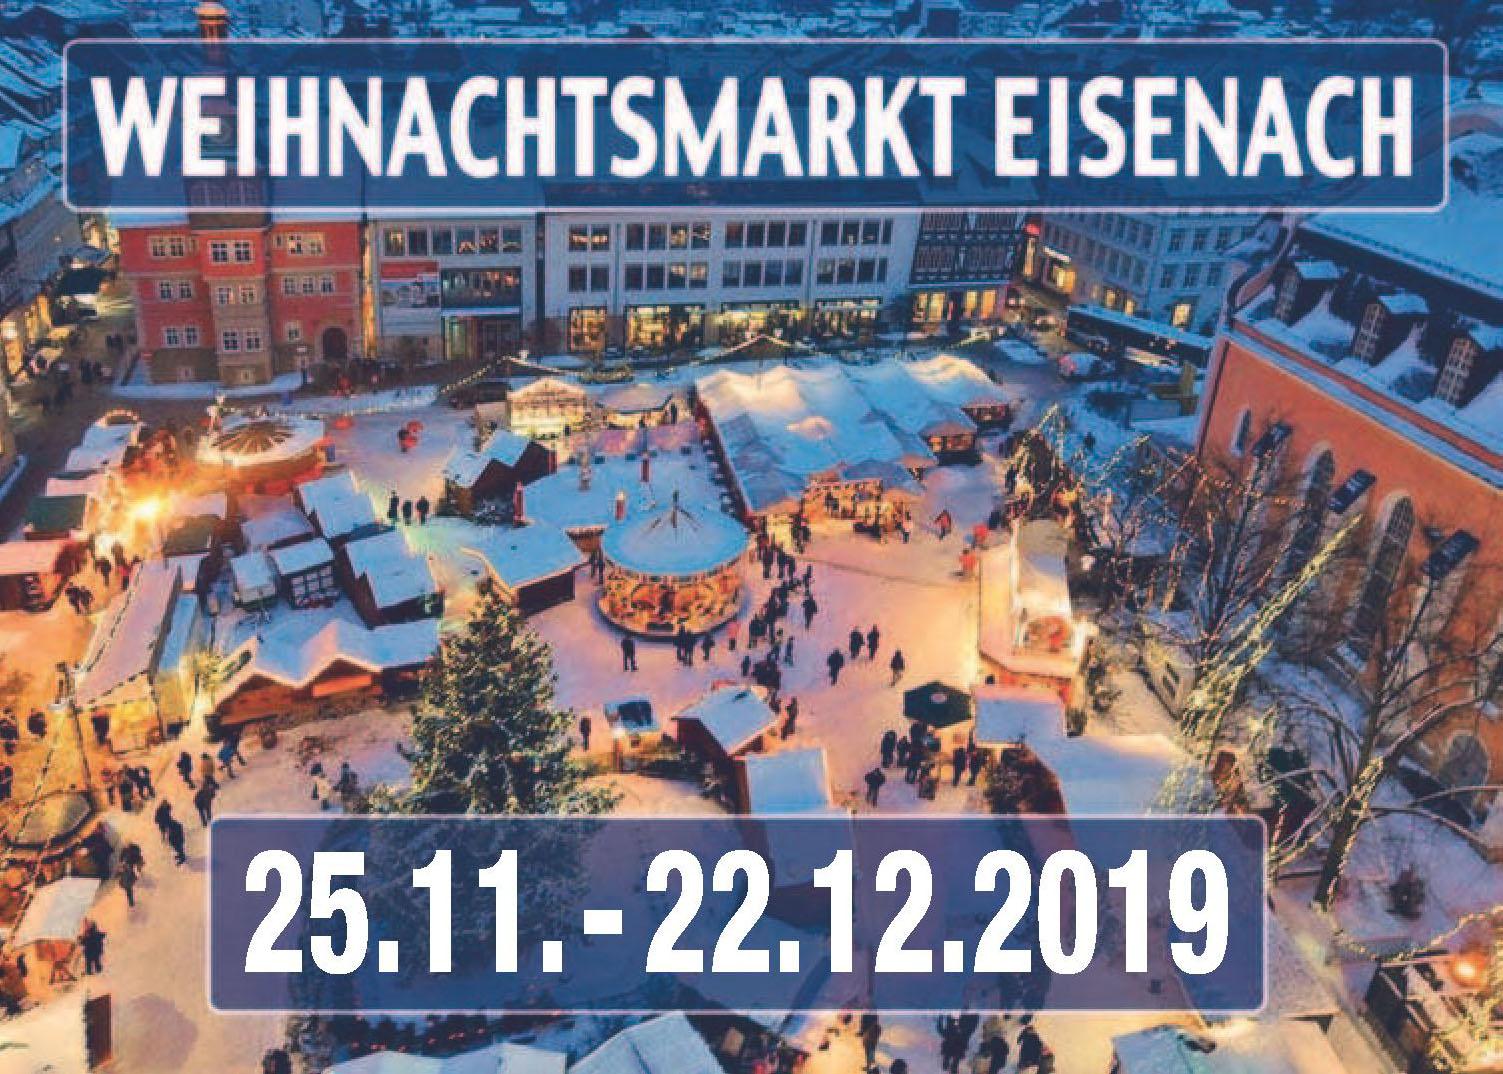 Weihnachtsmarkt Eisenach